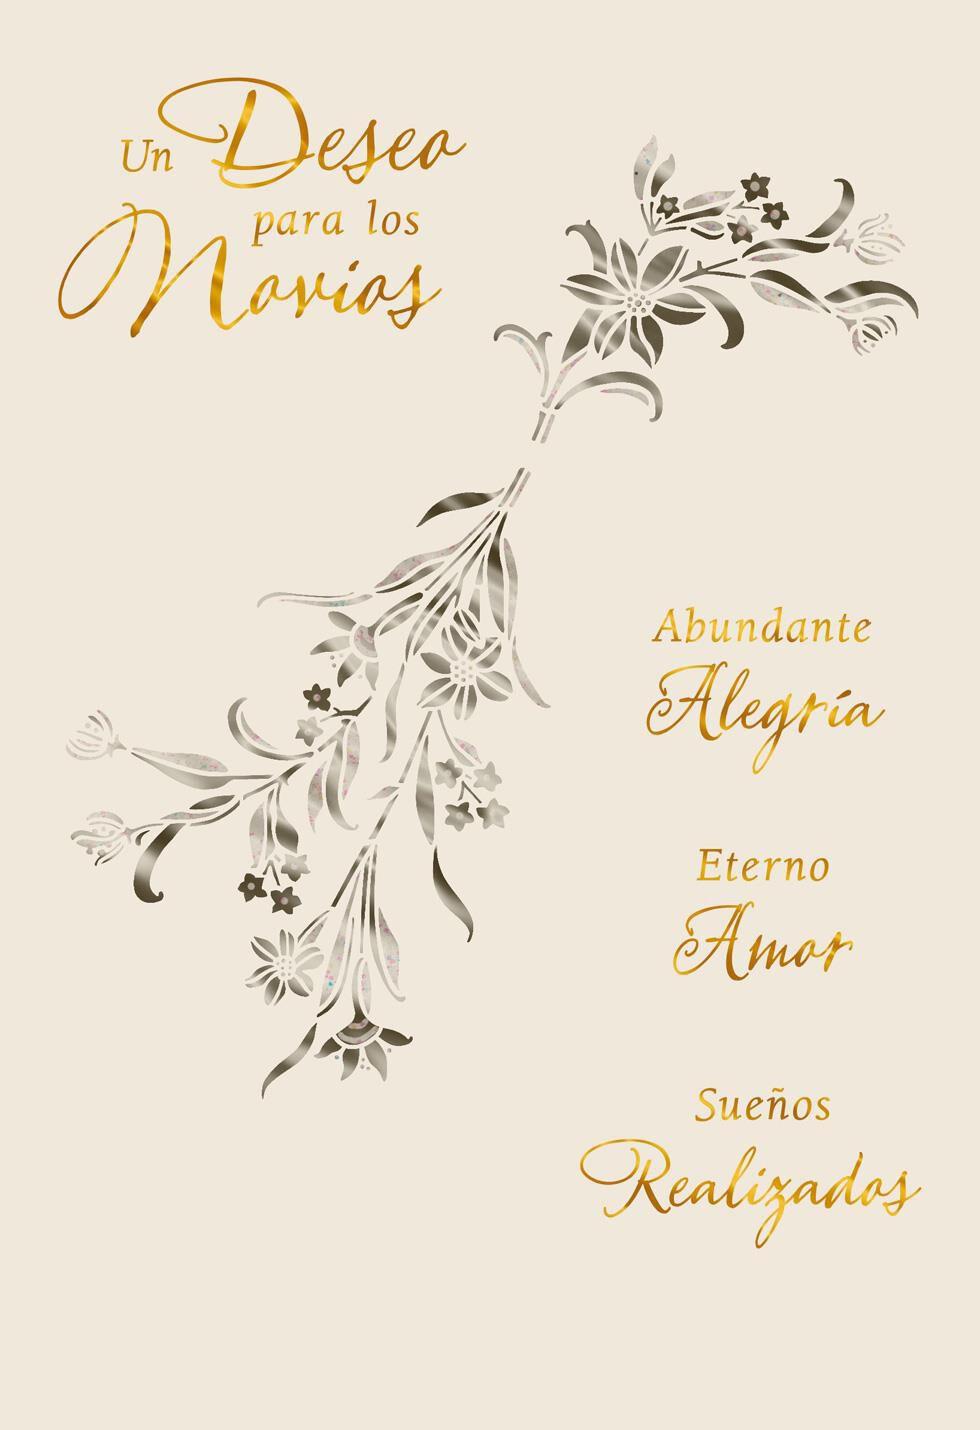 Wishes for the Newlyweds SpanishLanguage Wedding Card Greeting